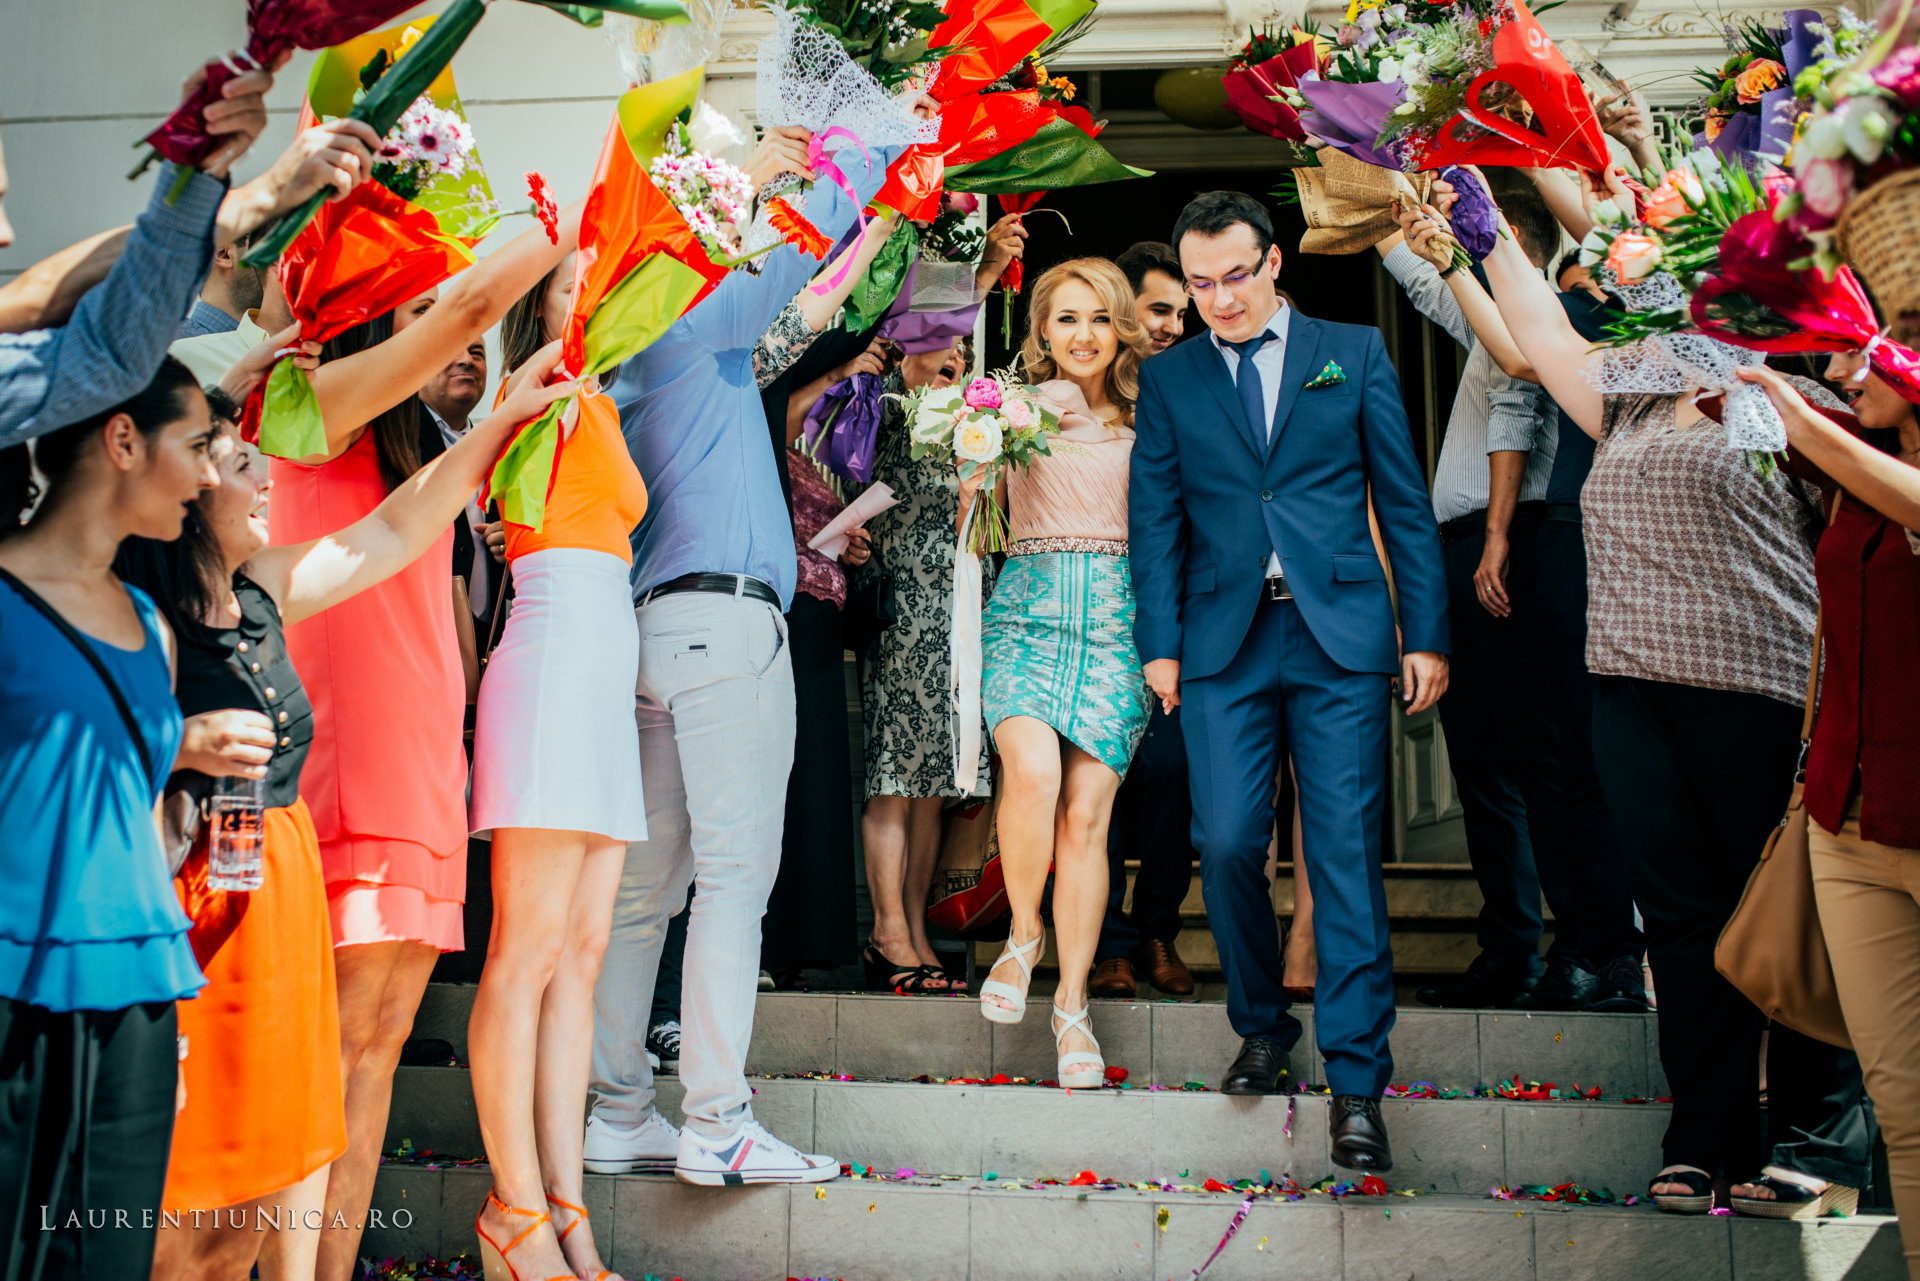 alina si razvan craiova fotograf nunta laurentiu nica06 - Alina & Razvan | Fotografii nunta